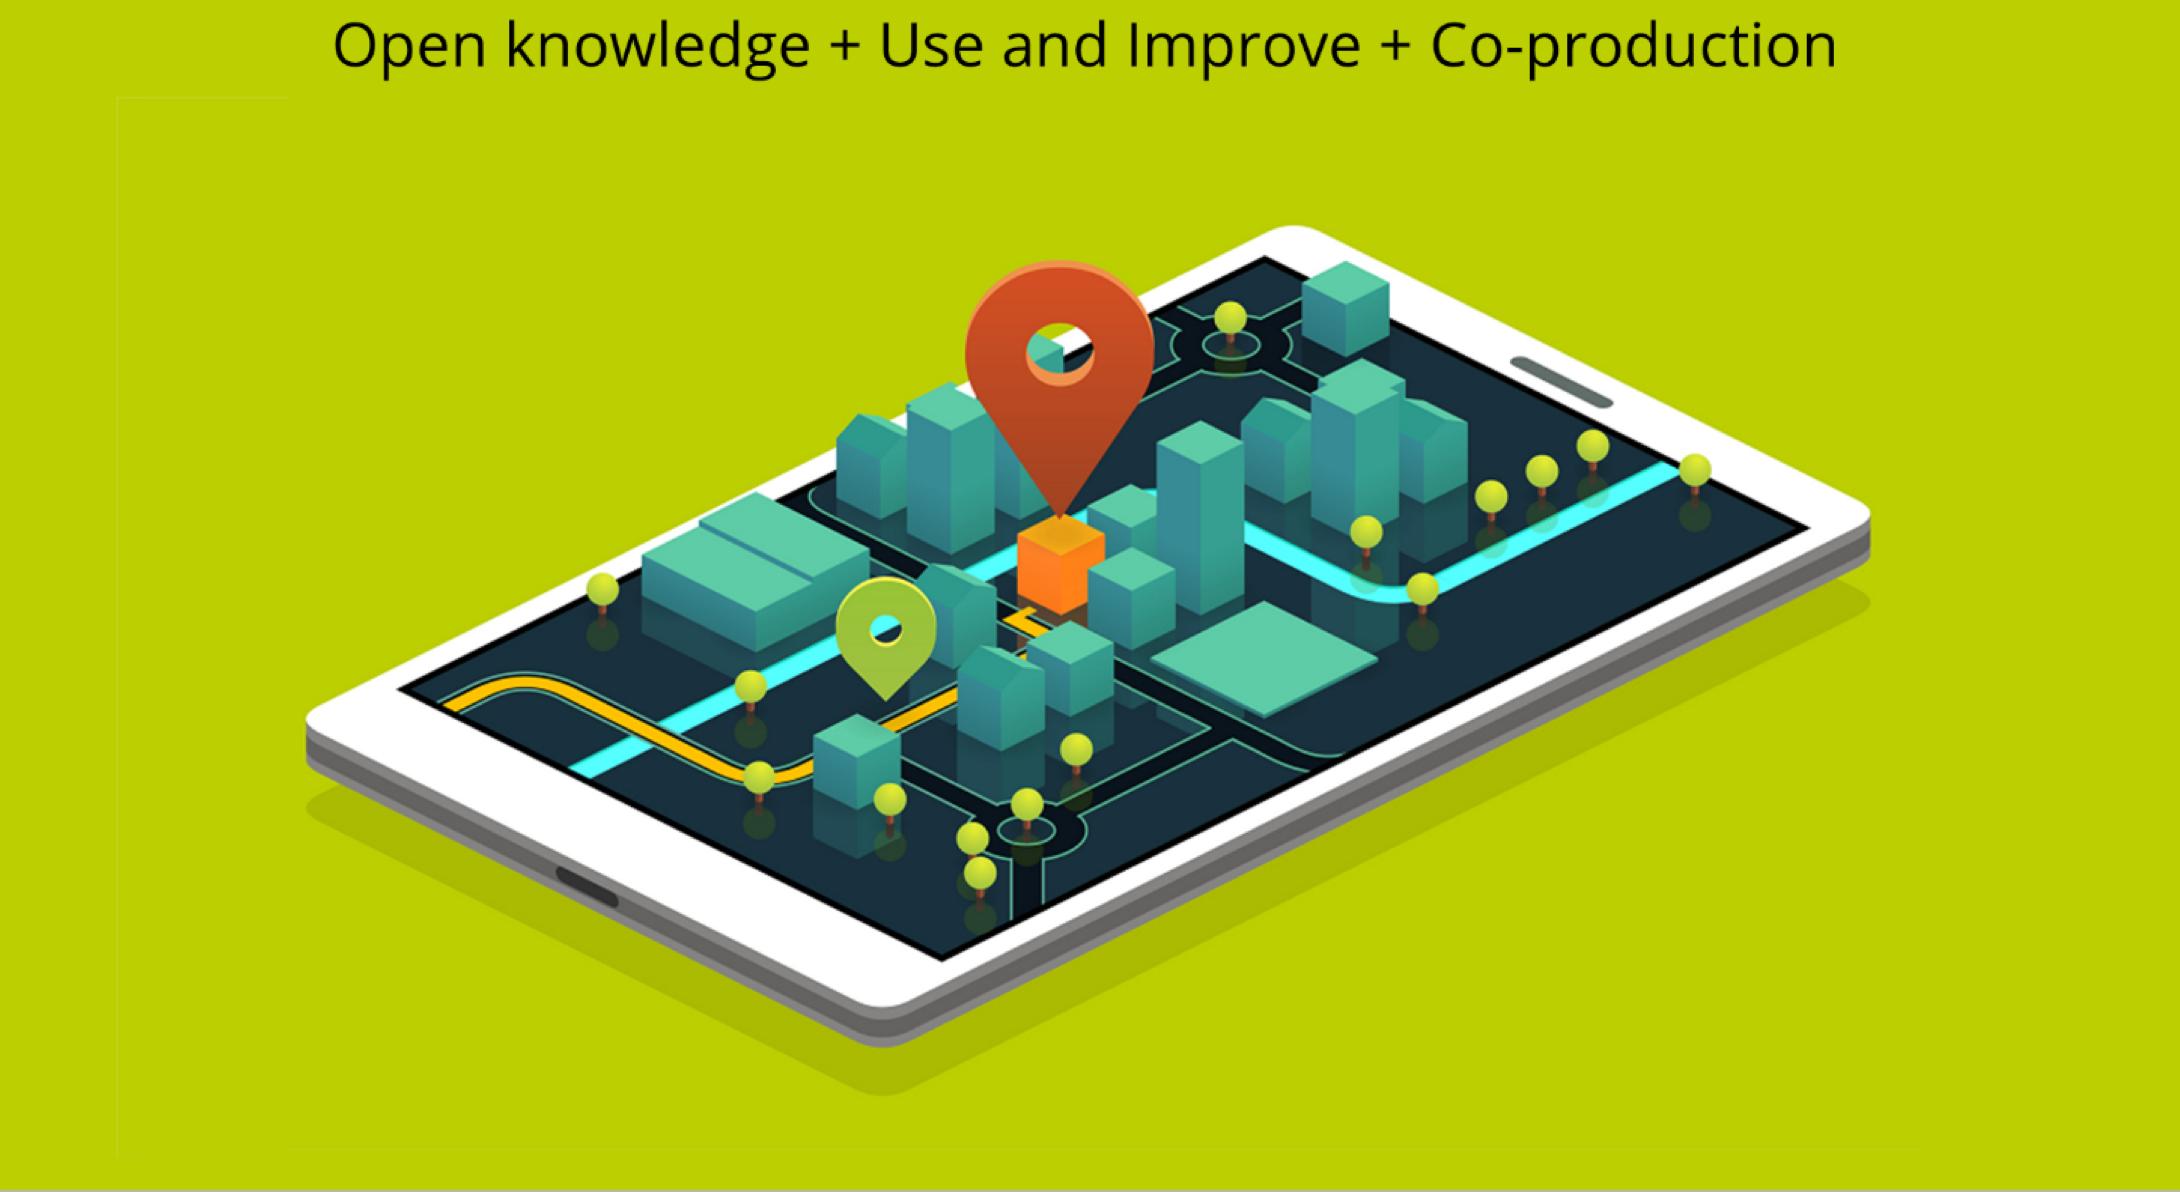 Fig.6. Más detalles de la herramienta EGP en el blog asociado, abierto al Público [https://blogs.iadb.org/conocimiento-abierto/es/open-urban-planning-toolbox-planificacion-urbana/]